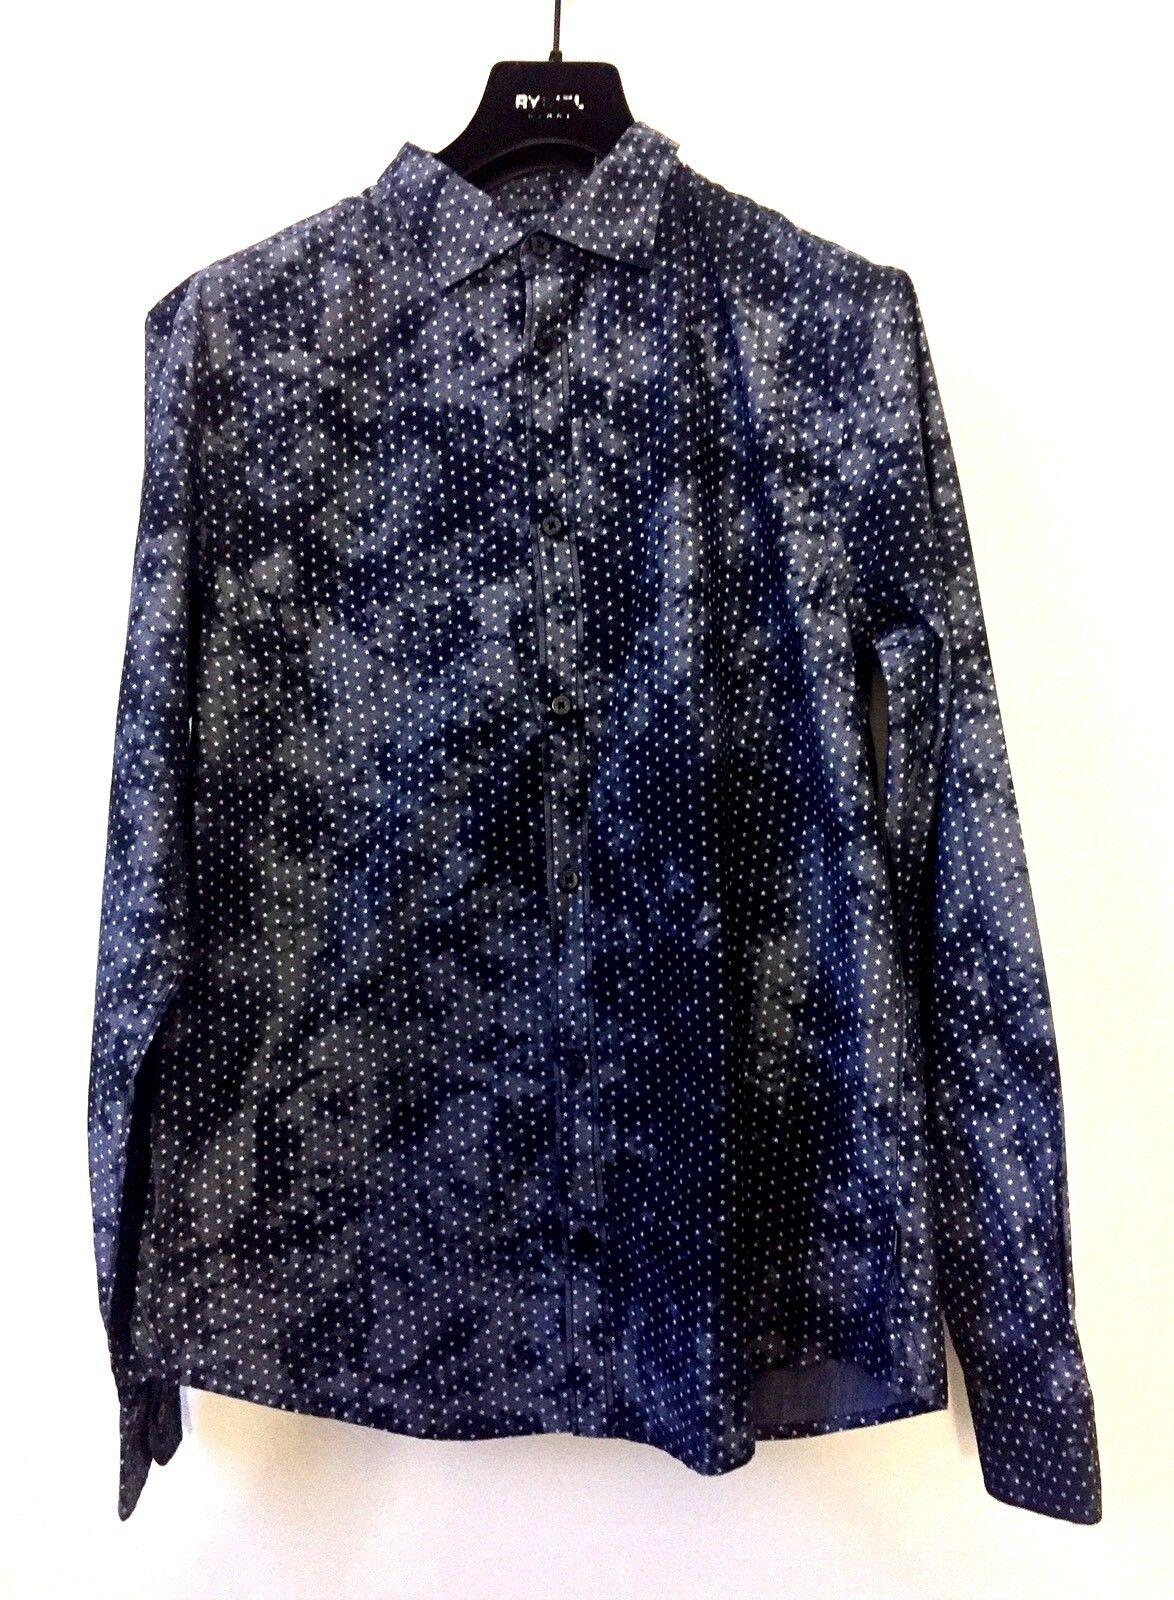 Armani Jeans señores AJ nuevo camisa  manga larga talla XL azul Estrellas ocio Shirt  encuentra tu favorito aquí